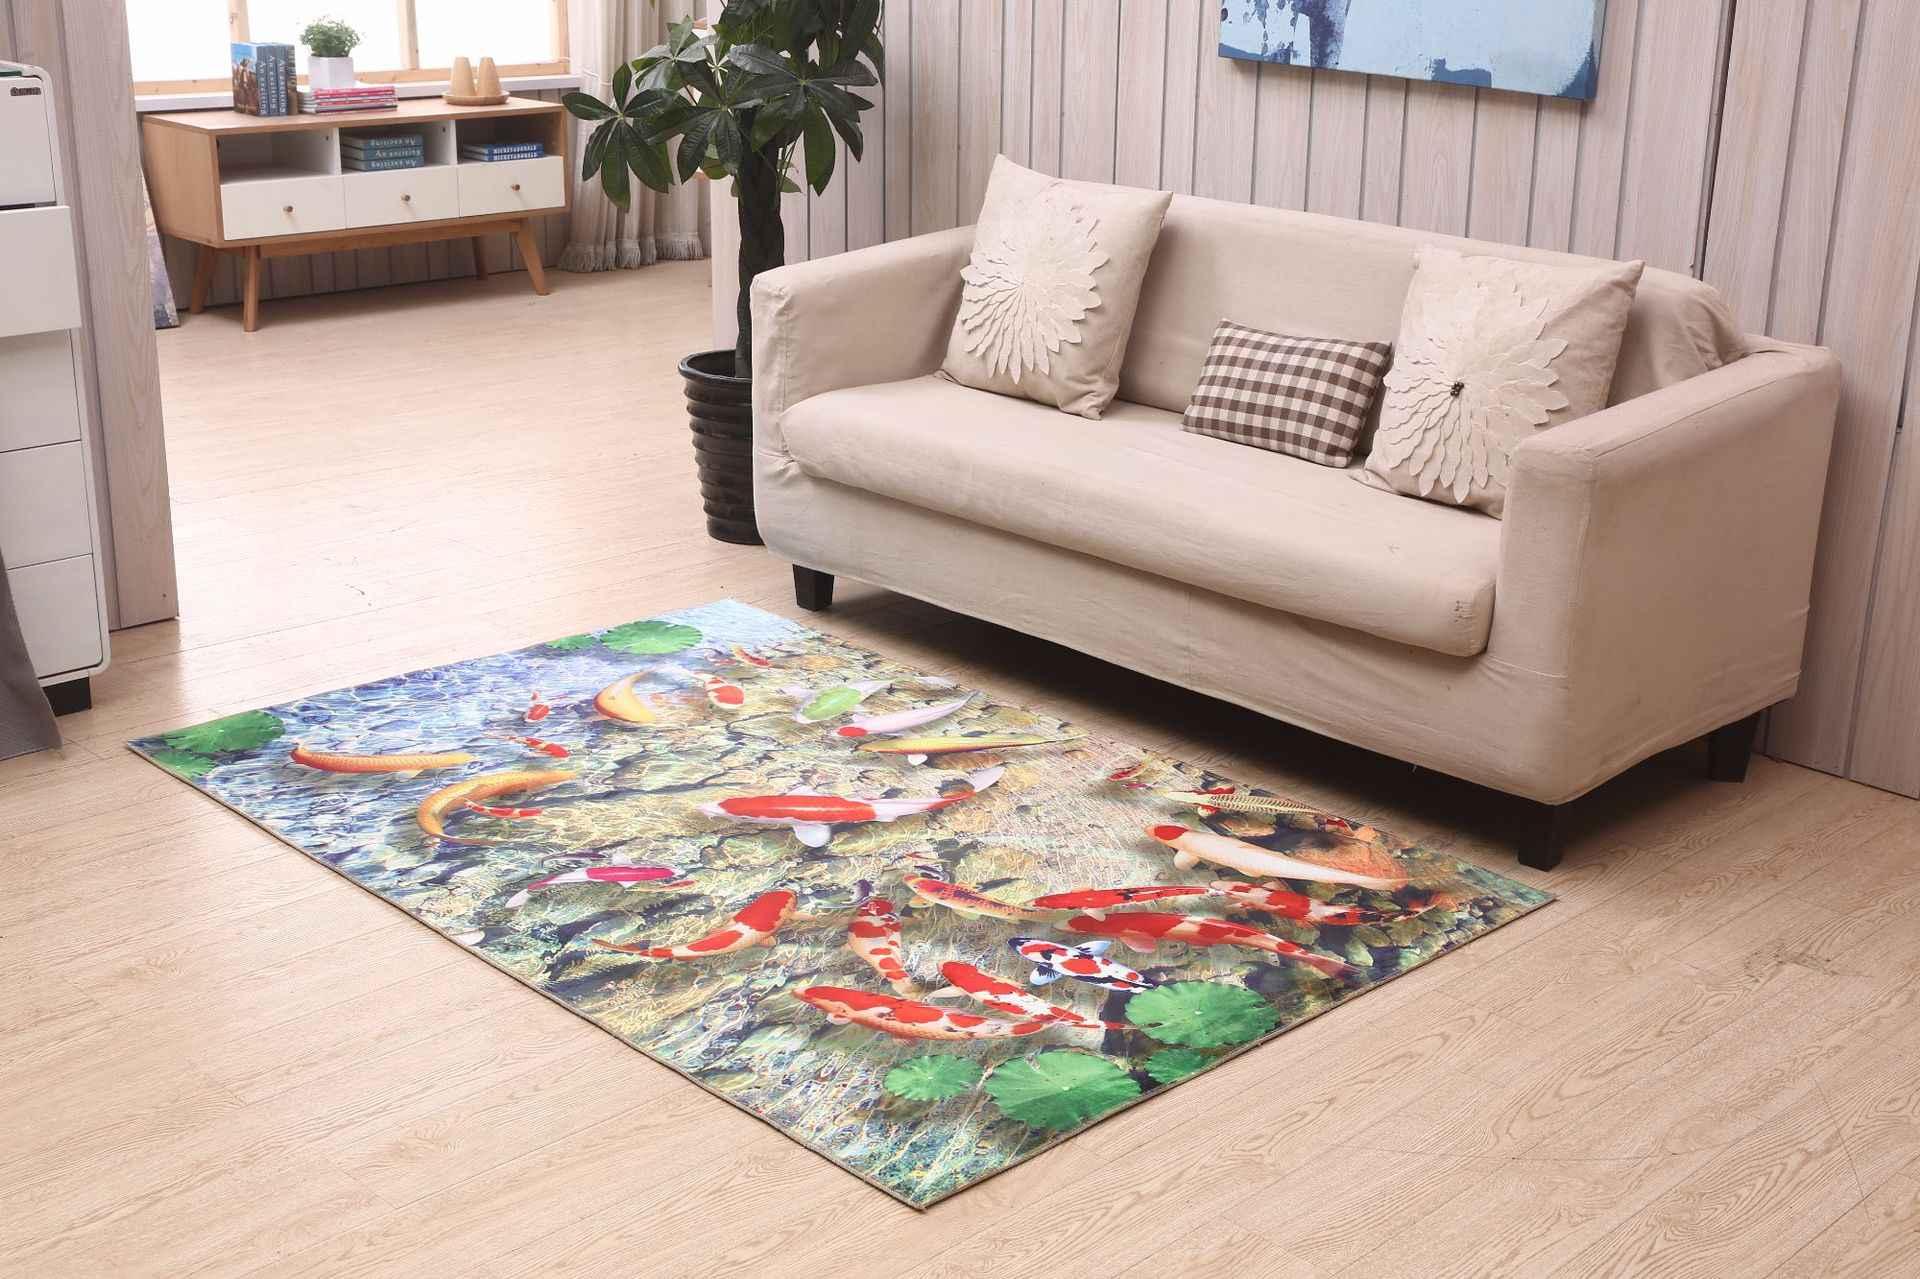 3D Dolph рыбий напечатанный ковер для гостиной Нескользящая прикроватная напольная Коврики для спальни Добро пожаловать коврики под входную дверь ковры диван кухонные коврики